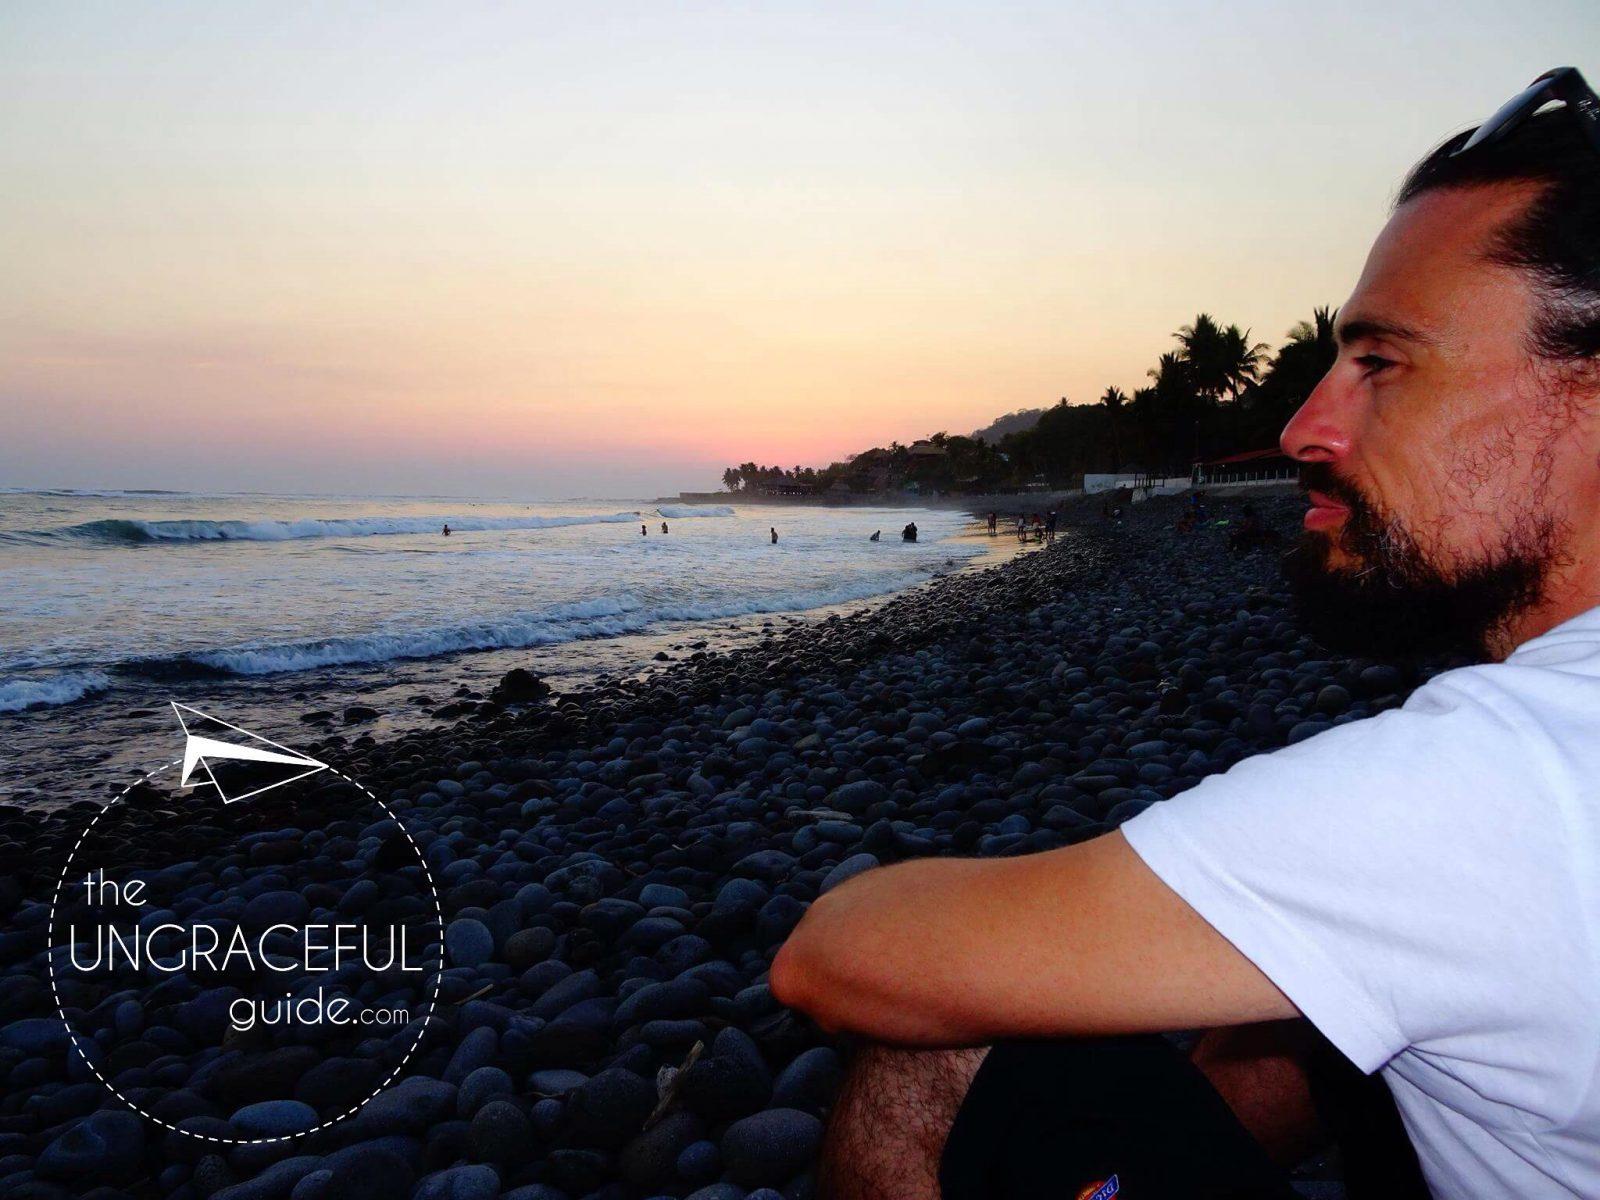 """<img src=""""data:image/gif;base64,R0lGODdhAQABAPAAAP///wAAACwAAAAAAQABAEACAkQBADs="""" data-lazy-src=""""images/"""" width=""""800"""" height=""""600"""" alt=""""el tunco - img 1101 - El Salvador: Playa El Tunco, A Surfers Paradise."""">"""